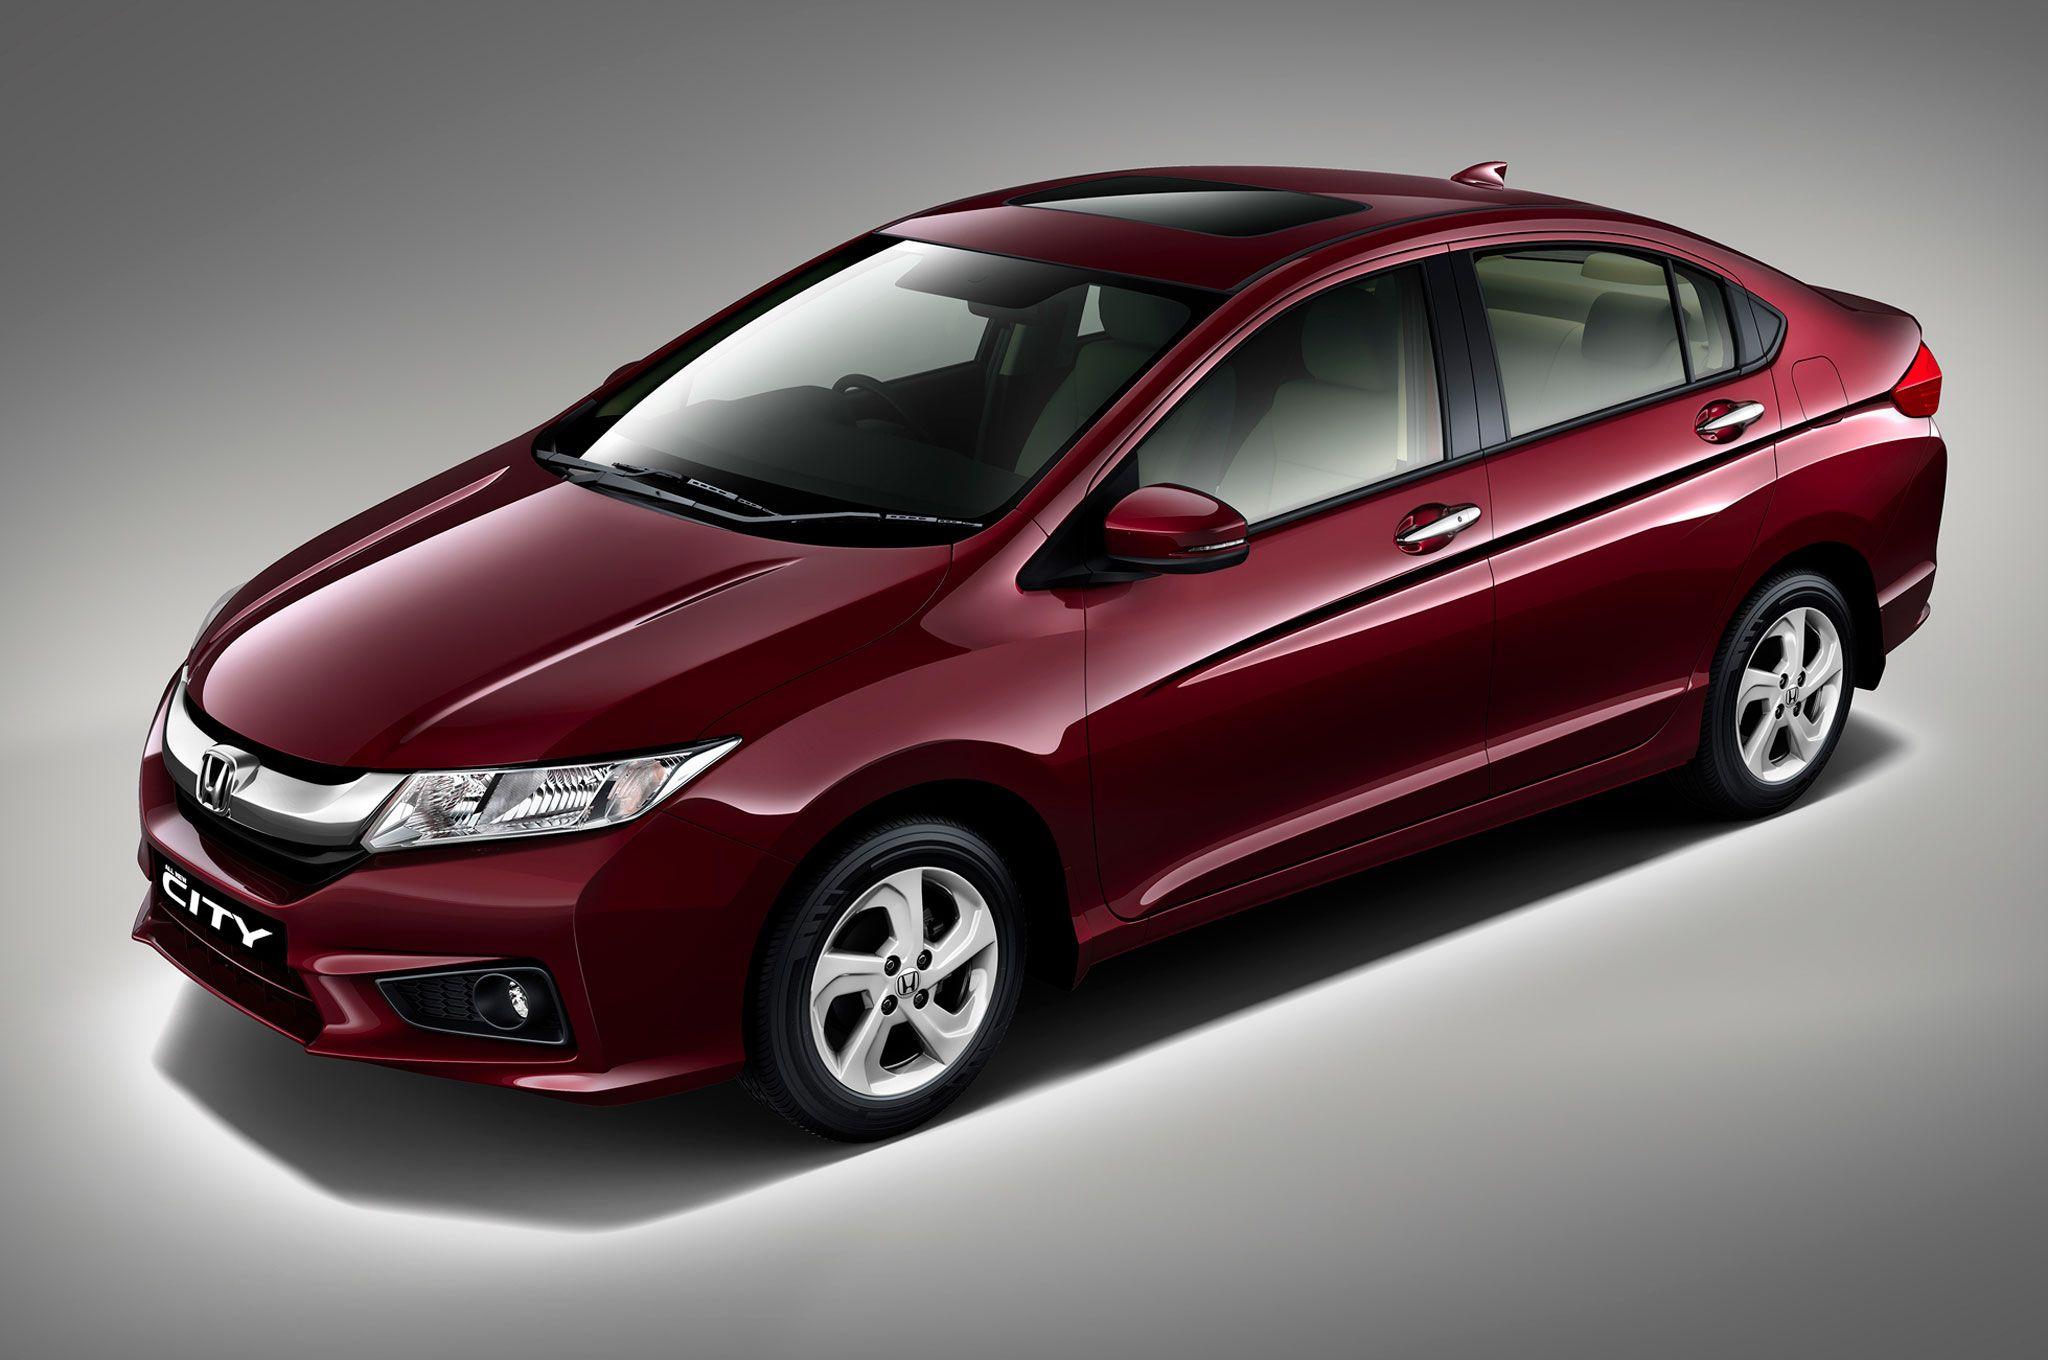 Beau Honda Cars · Honda City 2015